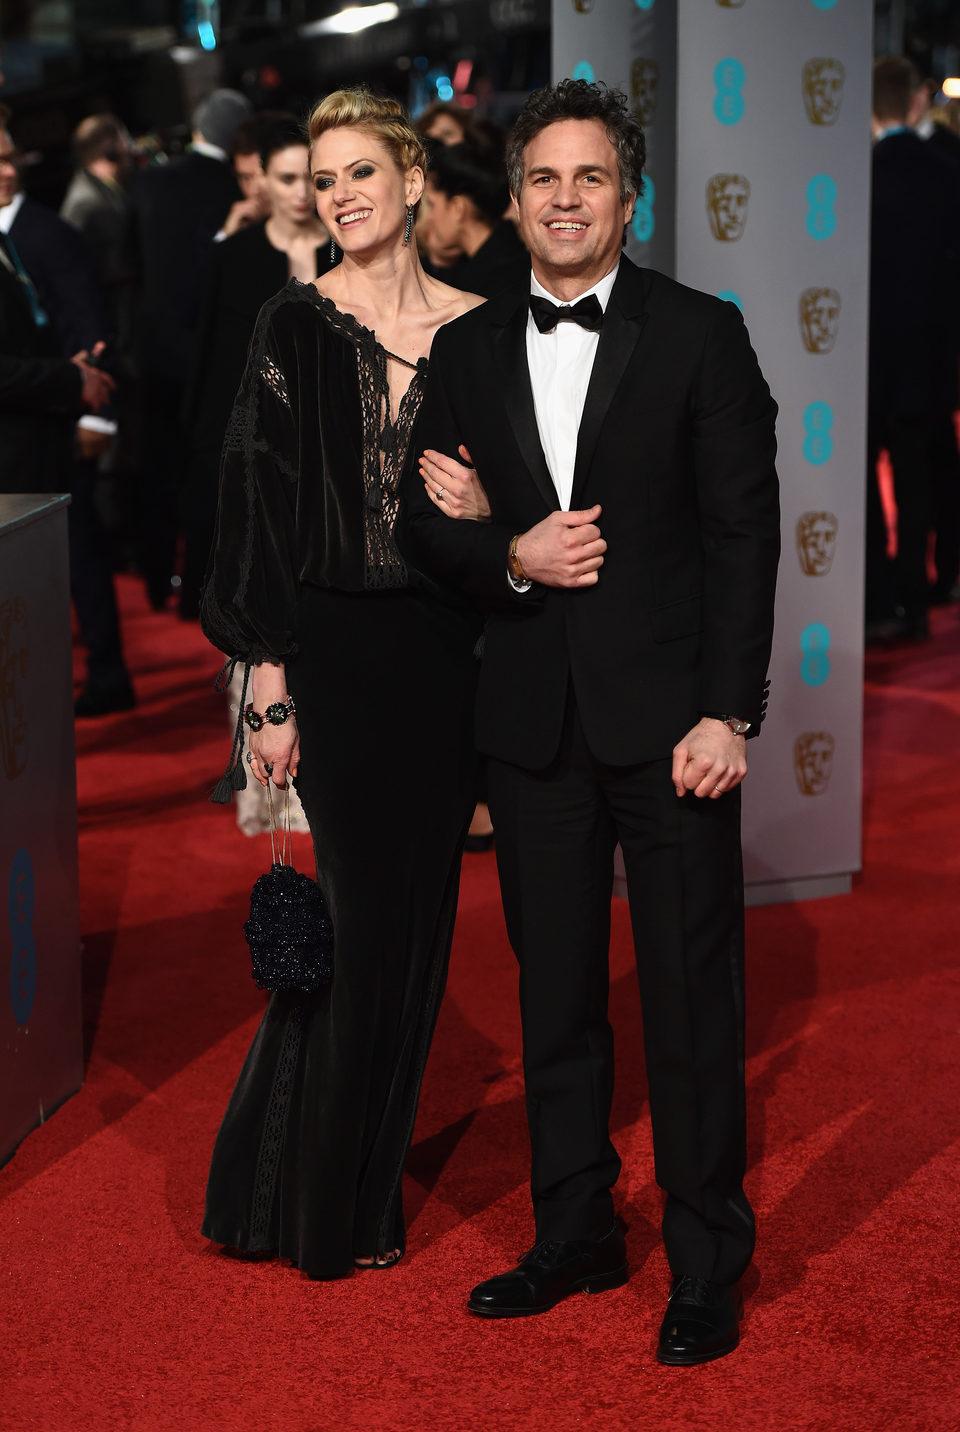 Mark Ruffalo en la alfombra roja de los BAFTA Awards 2016